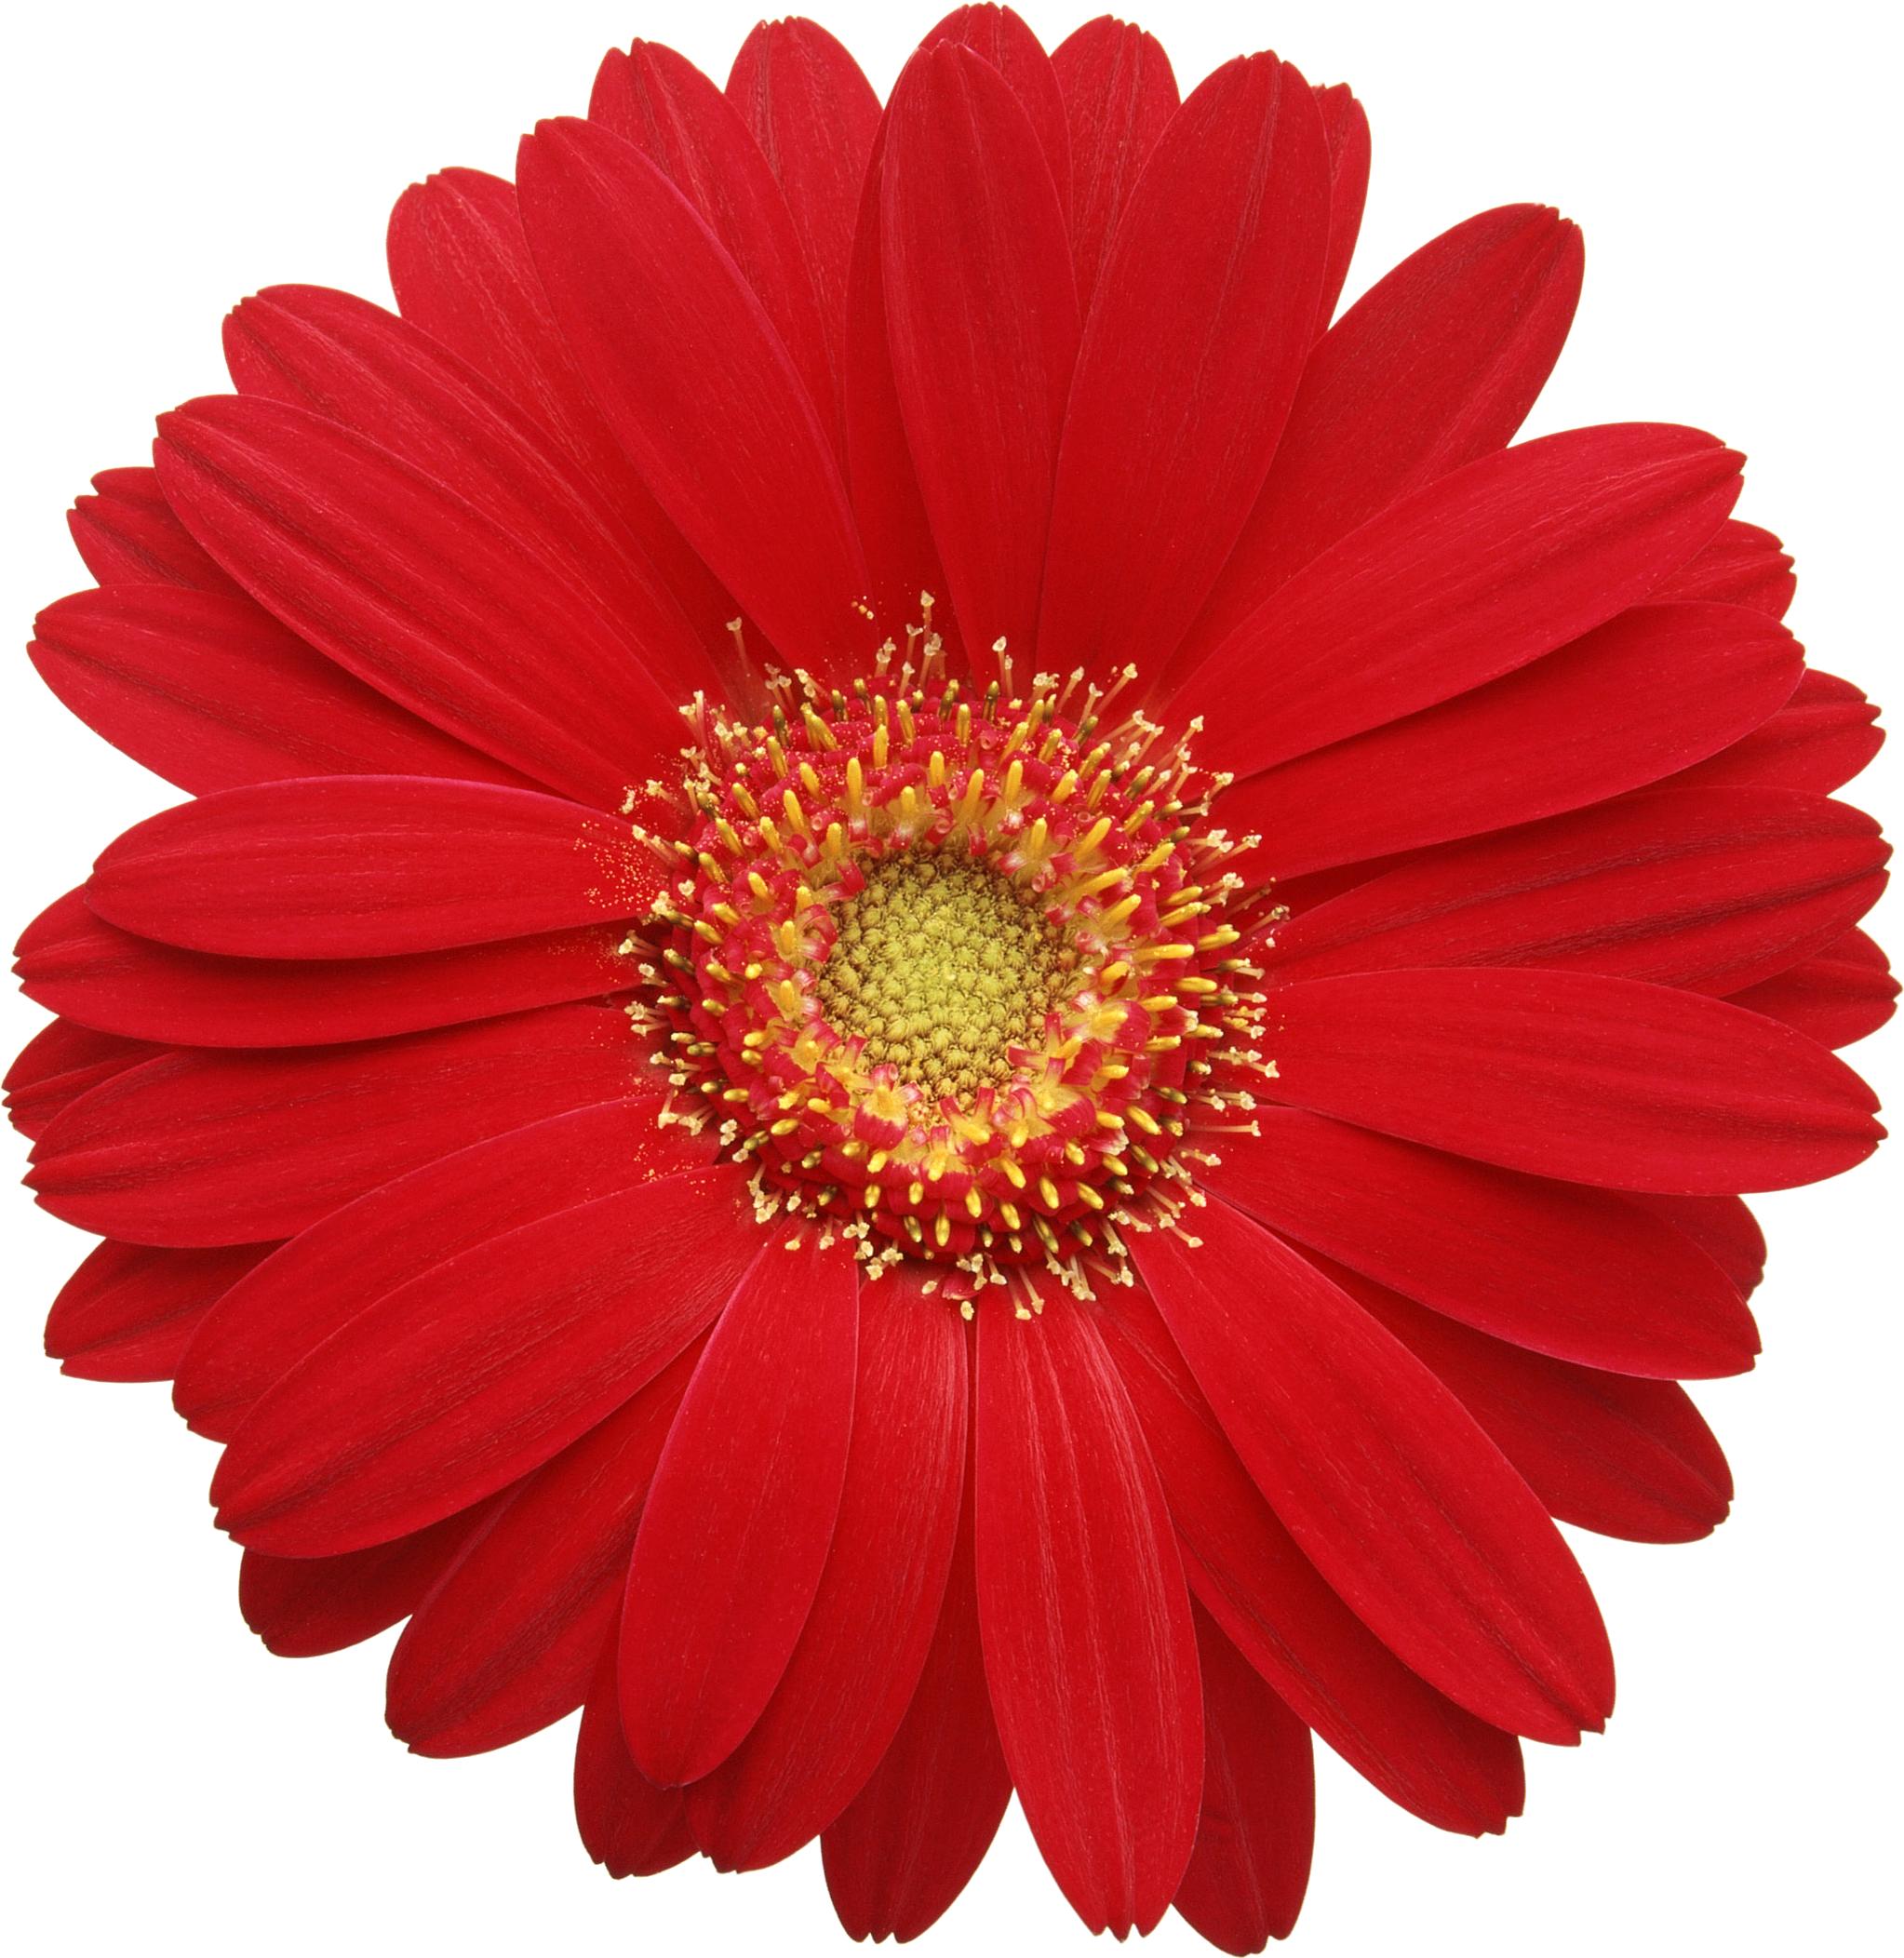 соломка синамей картинки одиночных цветов для оформления думал проблема жёстком